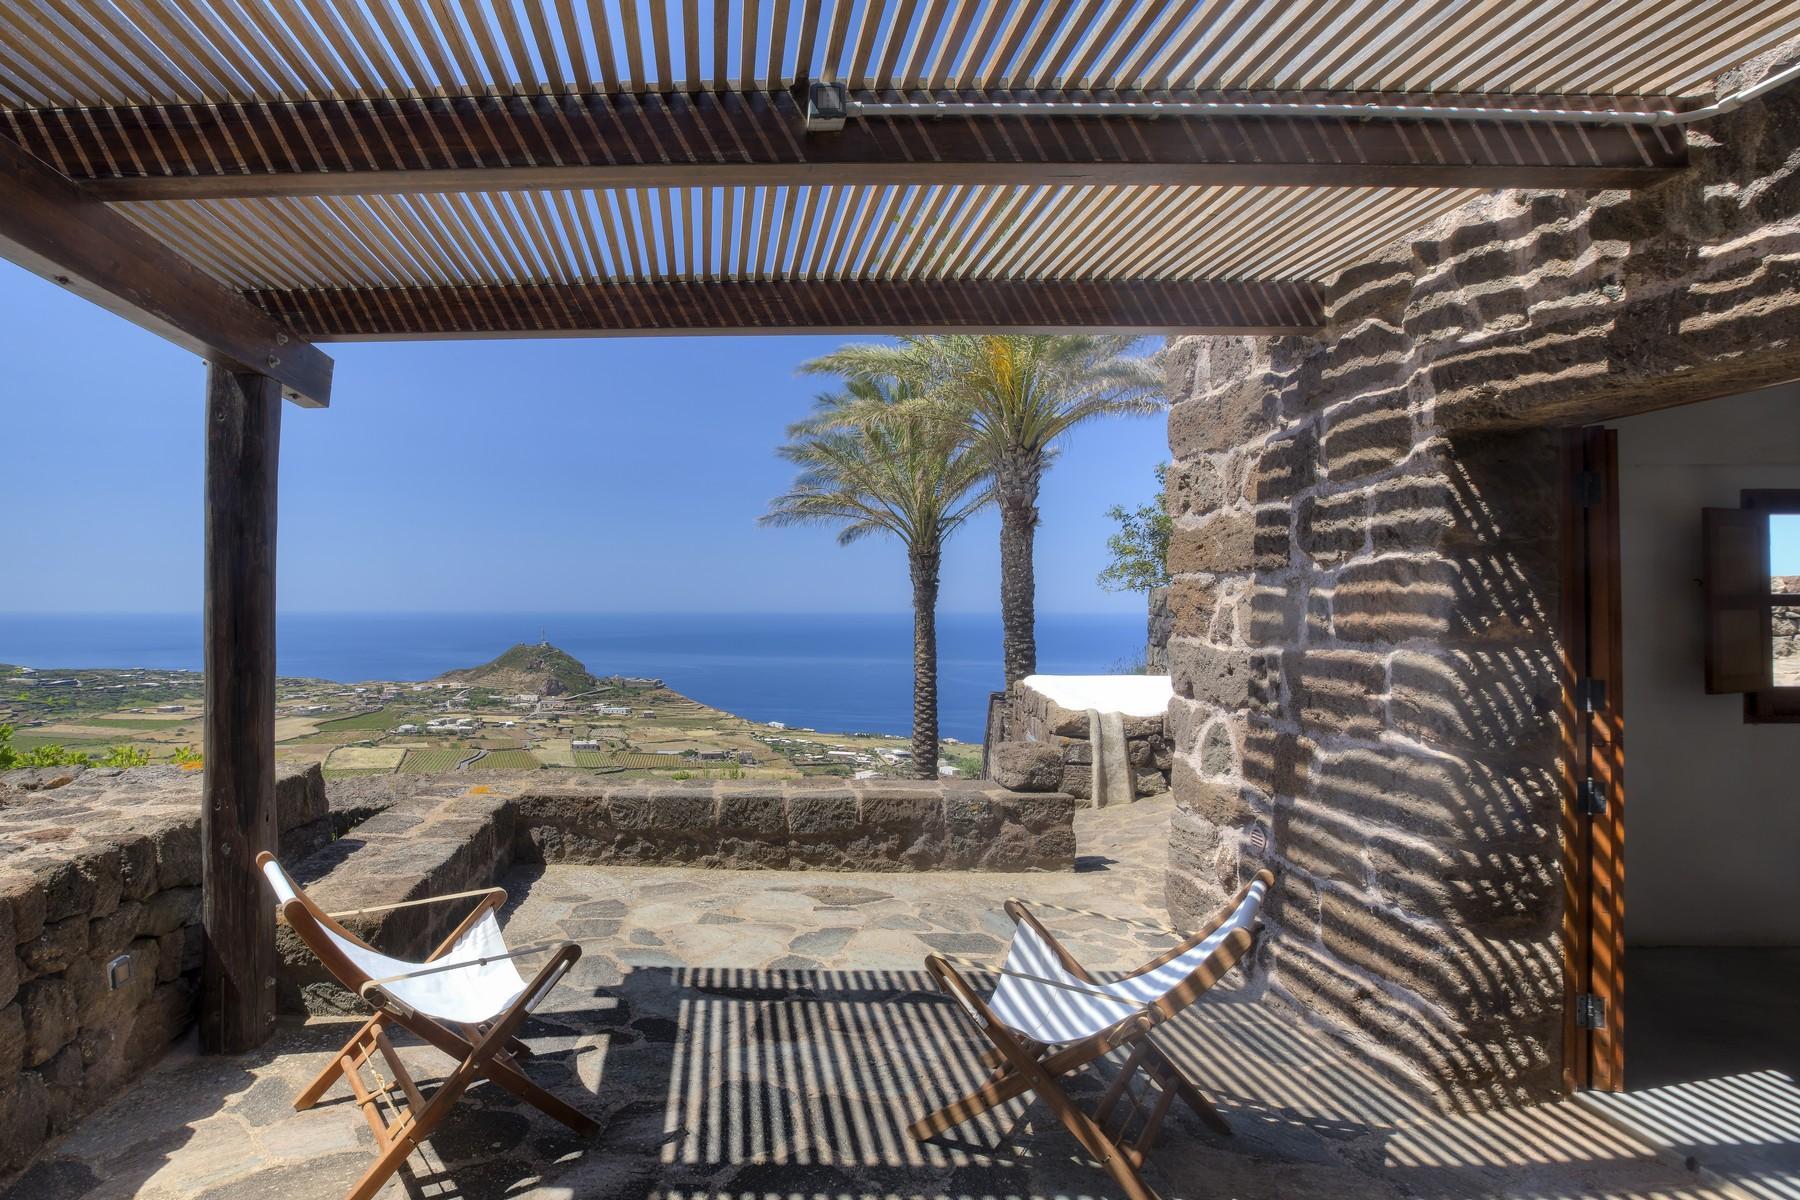 独特的Pantelleria岛上的纯净天堂 - 9